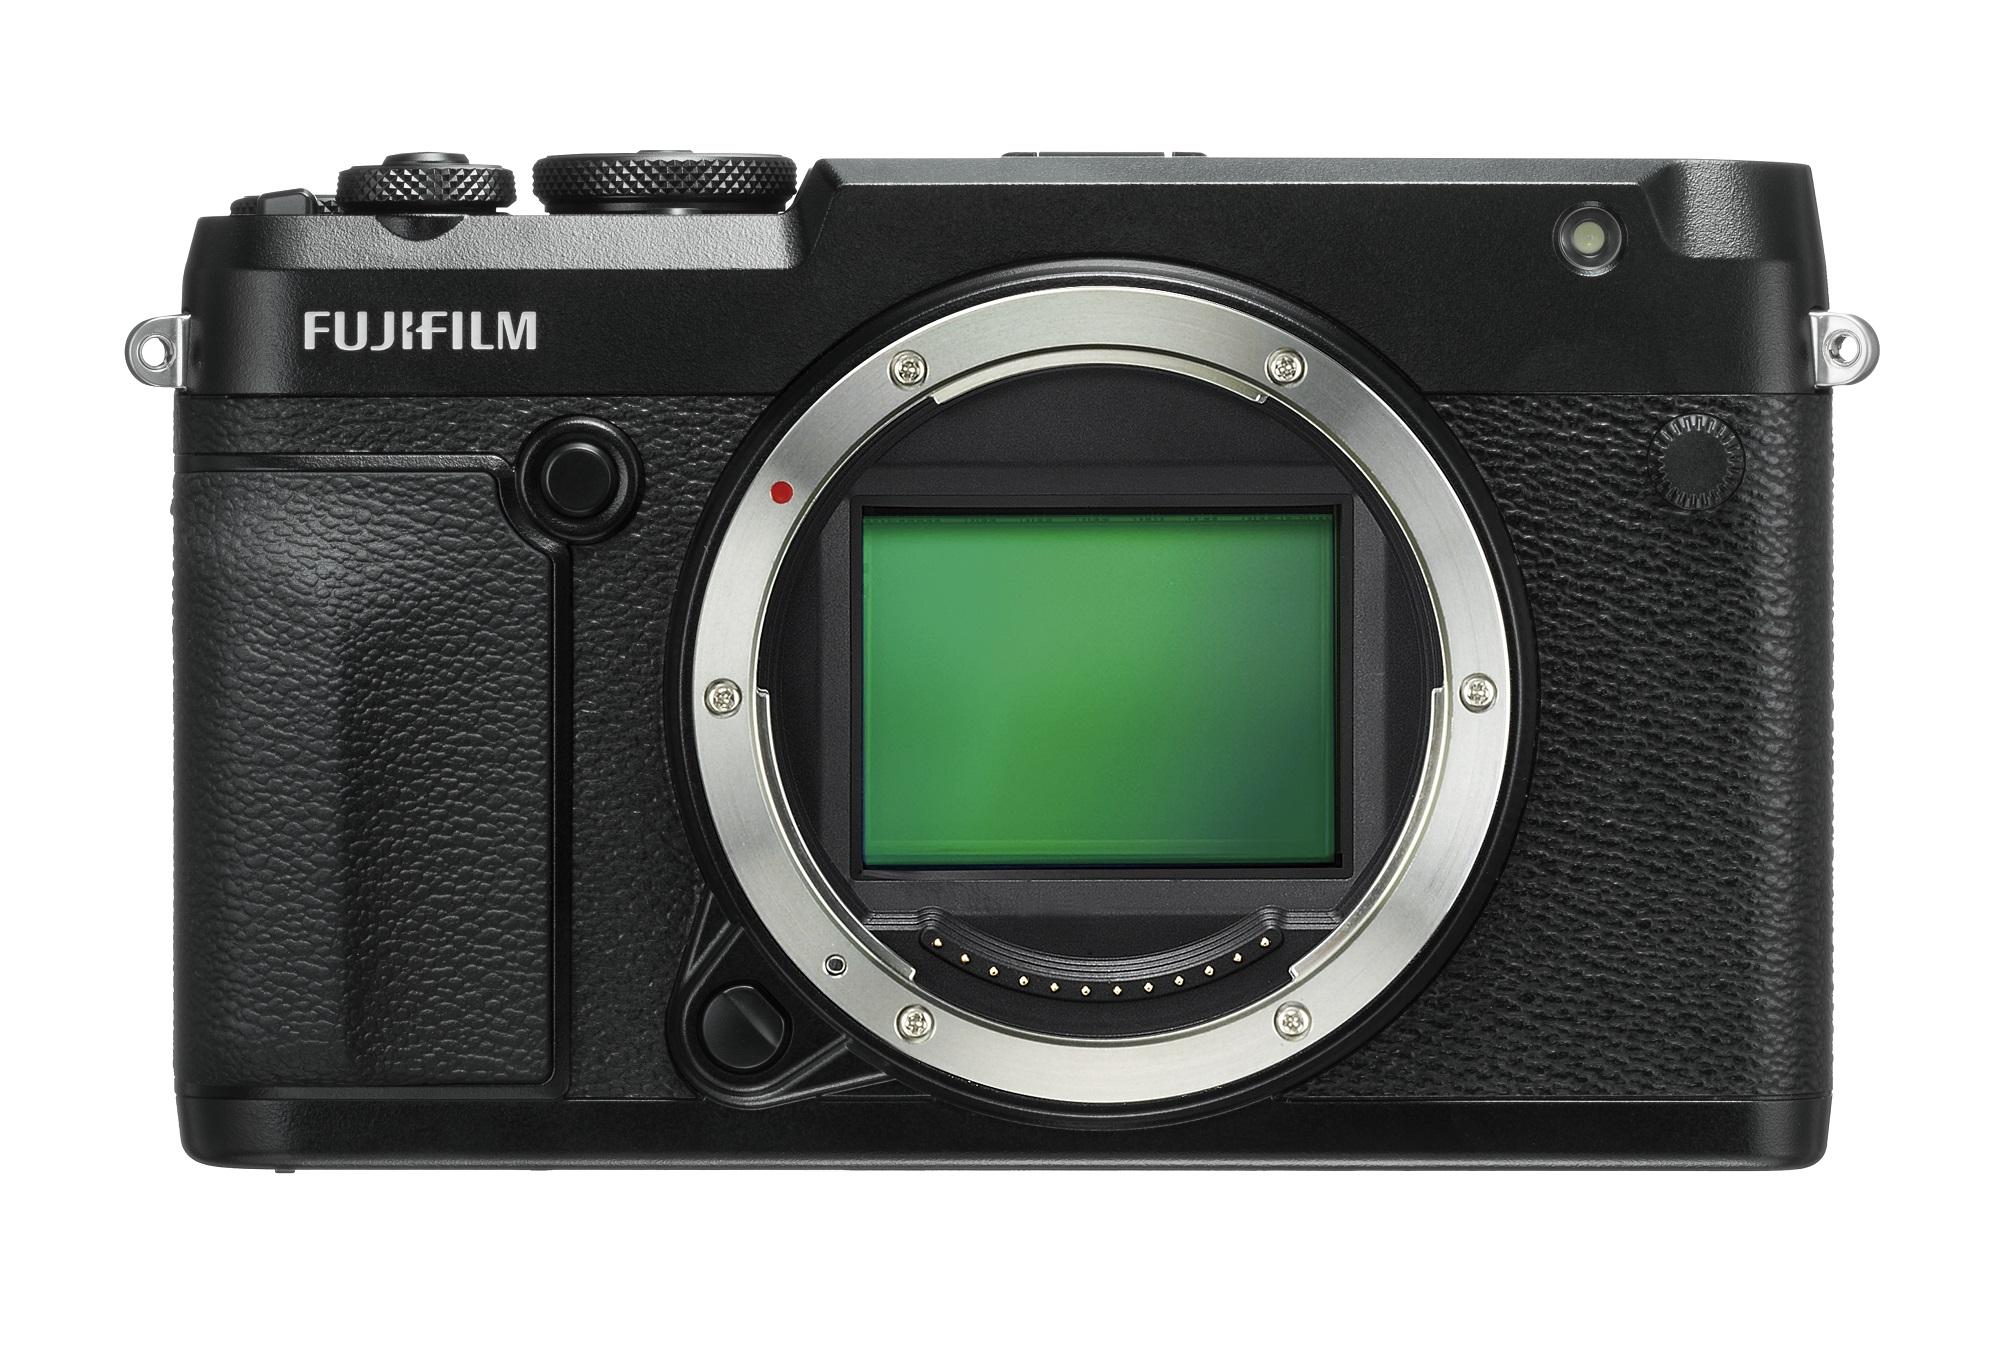 富士无反中画幅相机 GFX50R 火爆开售!你抢到了吗?